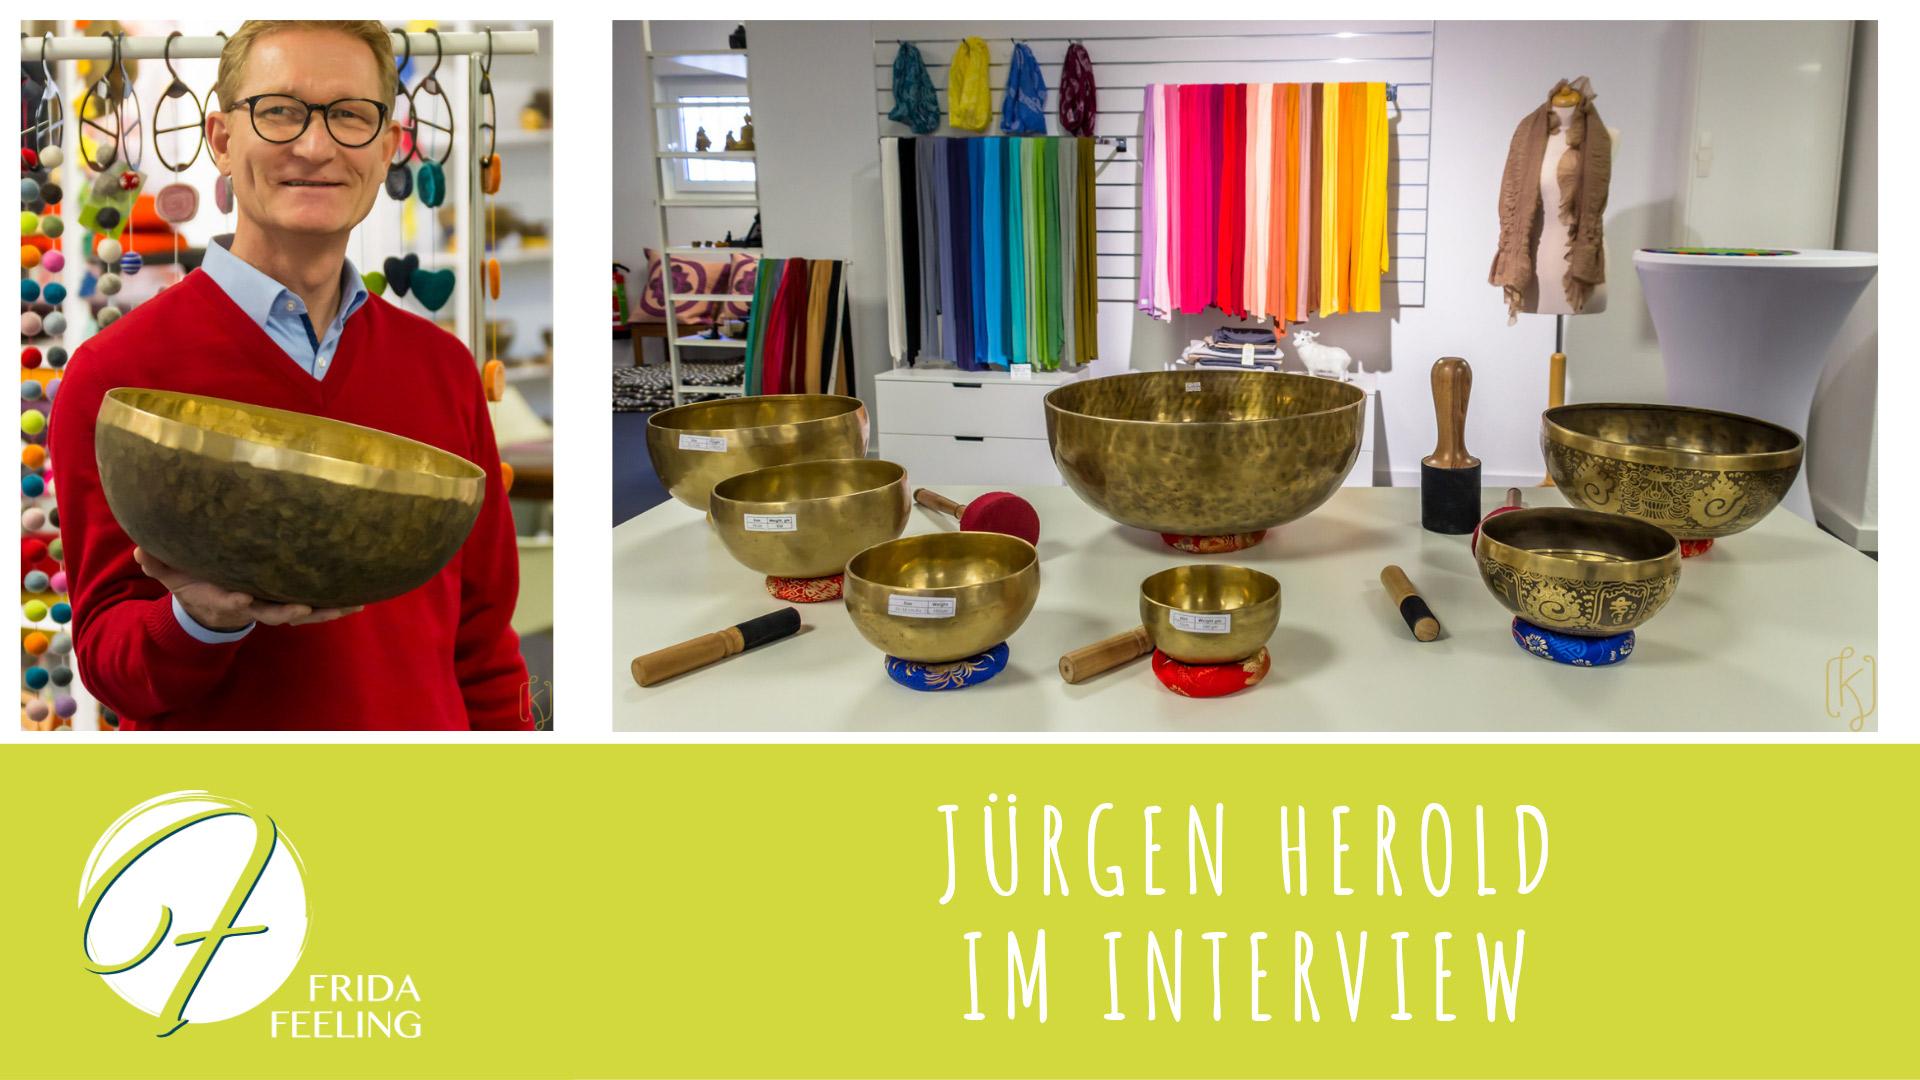 Größer Denken im Fairen Handel – Jürgen Herold von Frida Feeling im Portrait